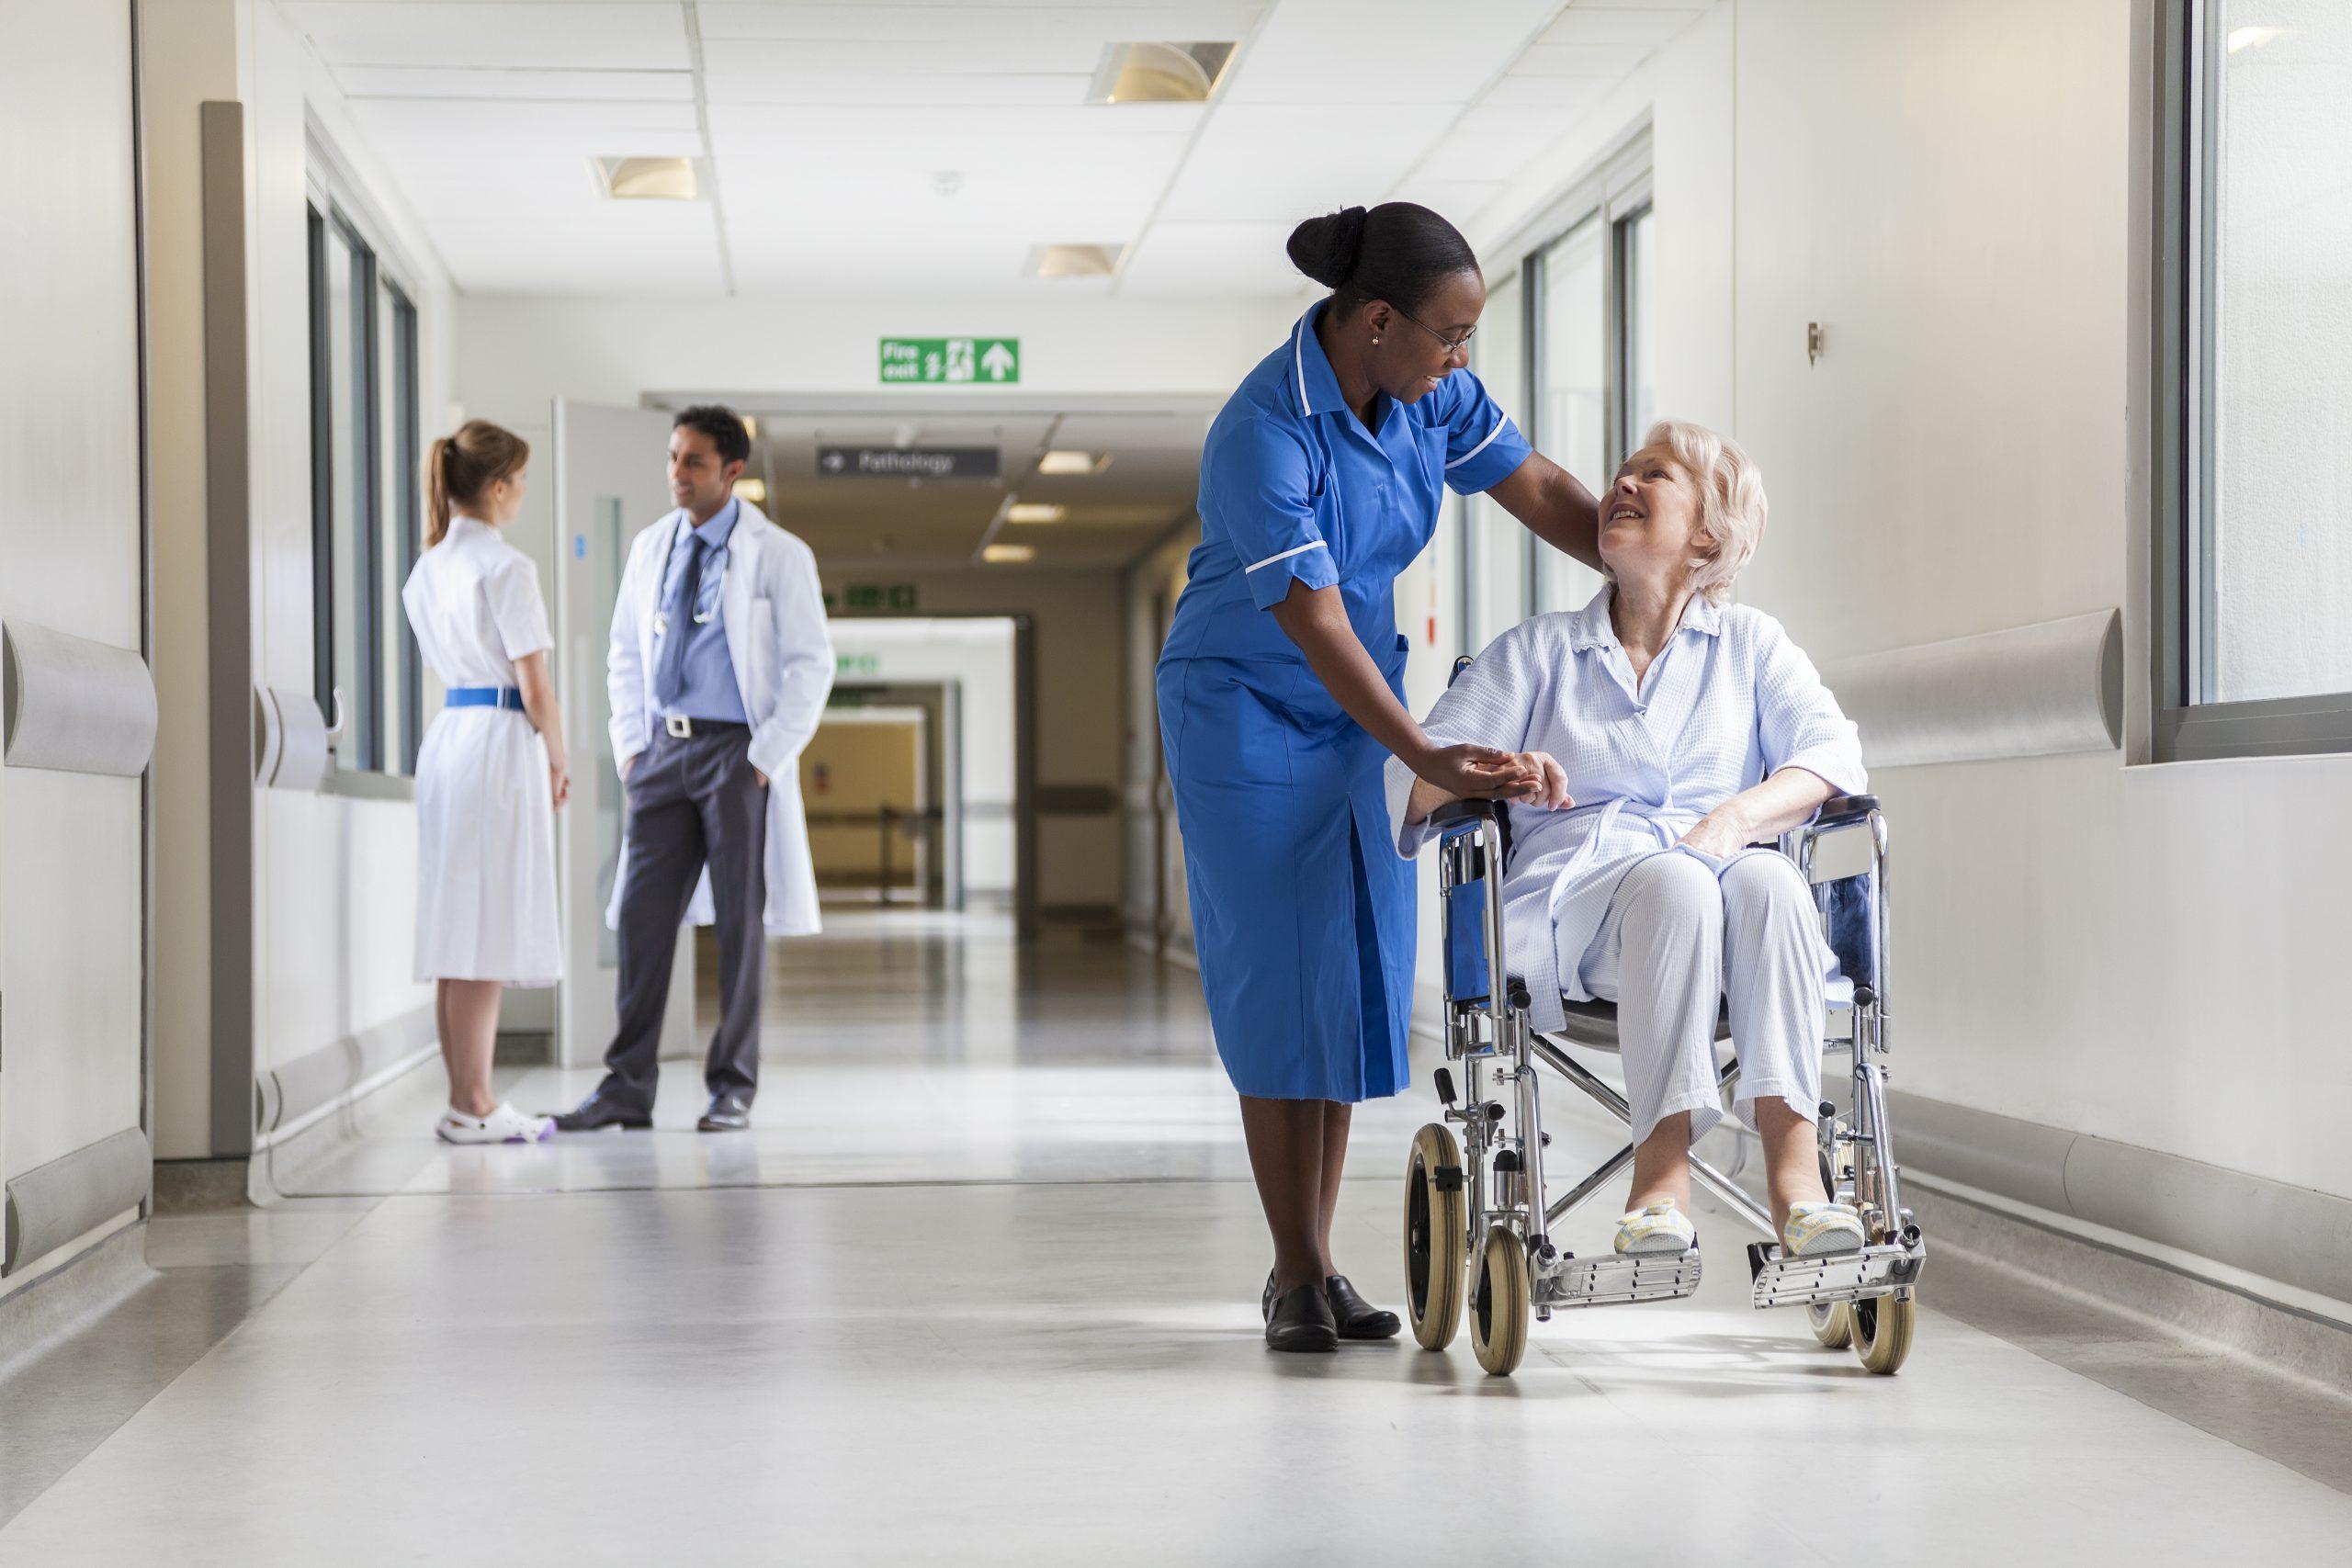 Gesundheitsdienst